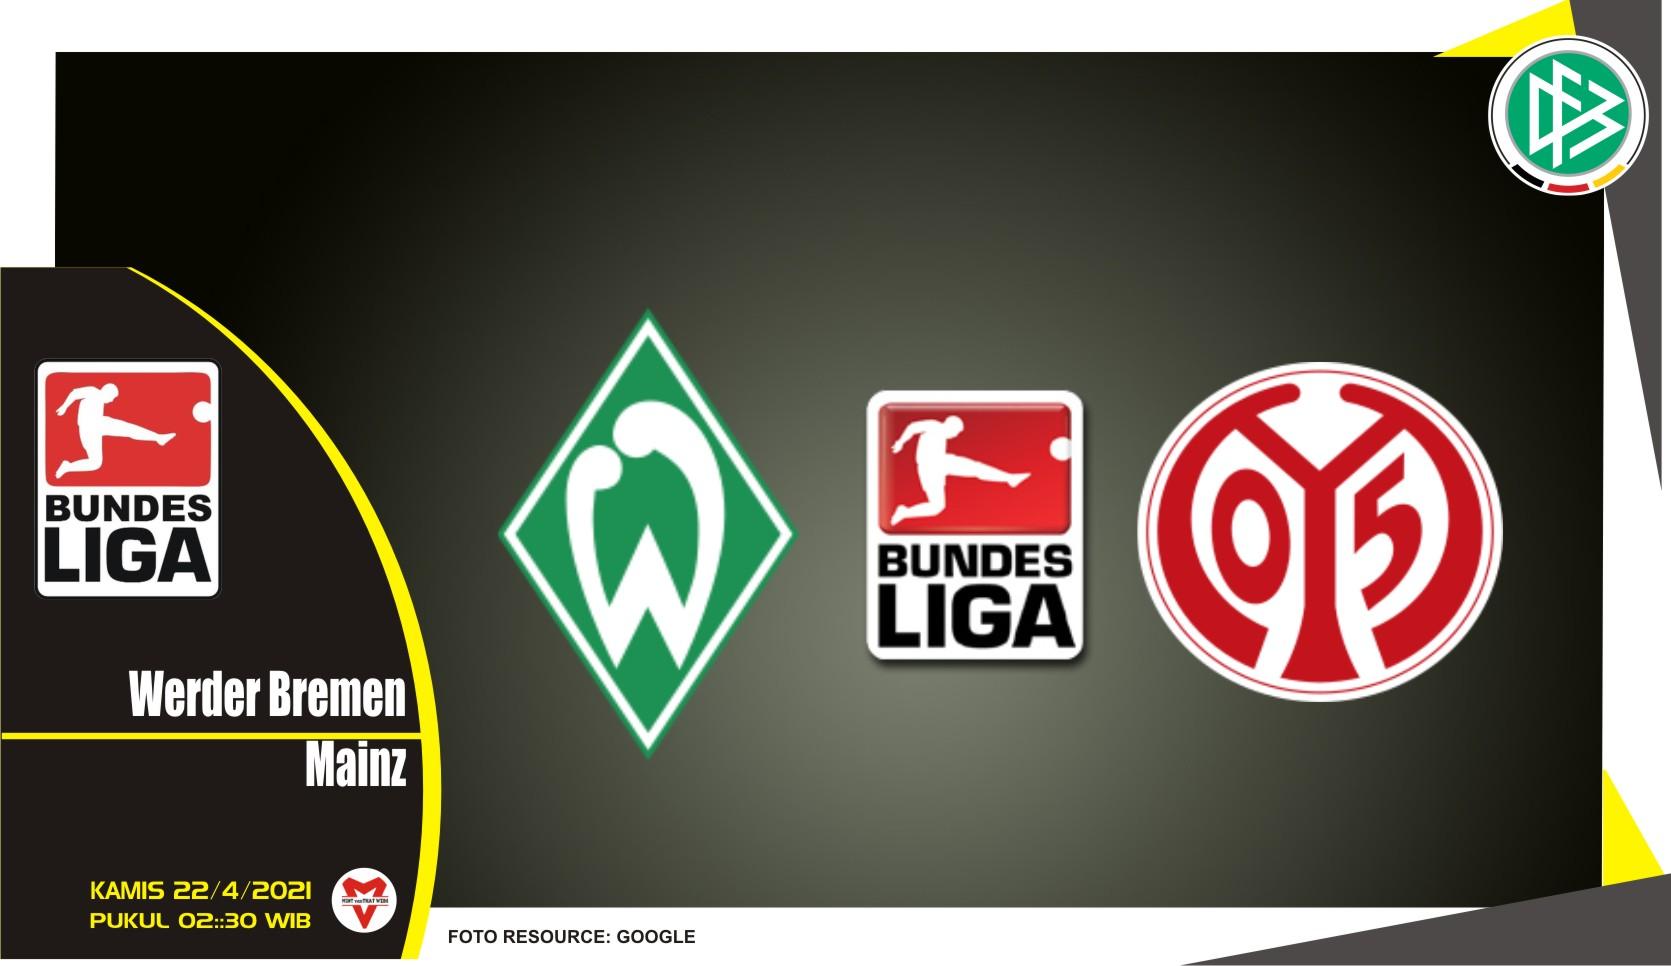 Prediksi Liga Jerman: Werder Bremen vs Mainz 05 - 22 April 2021